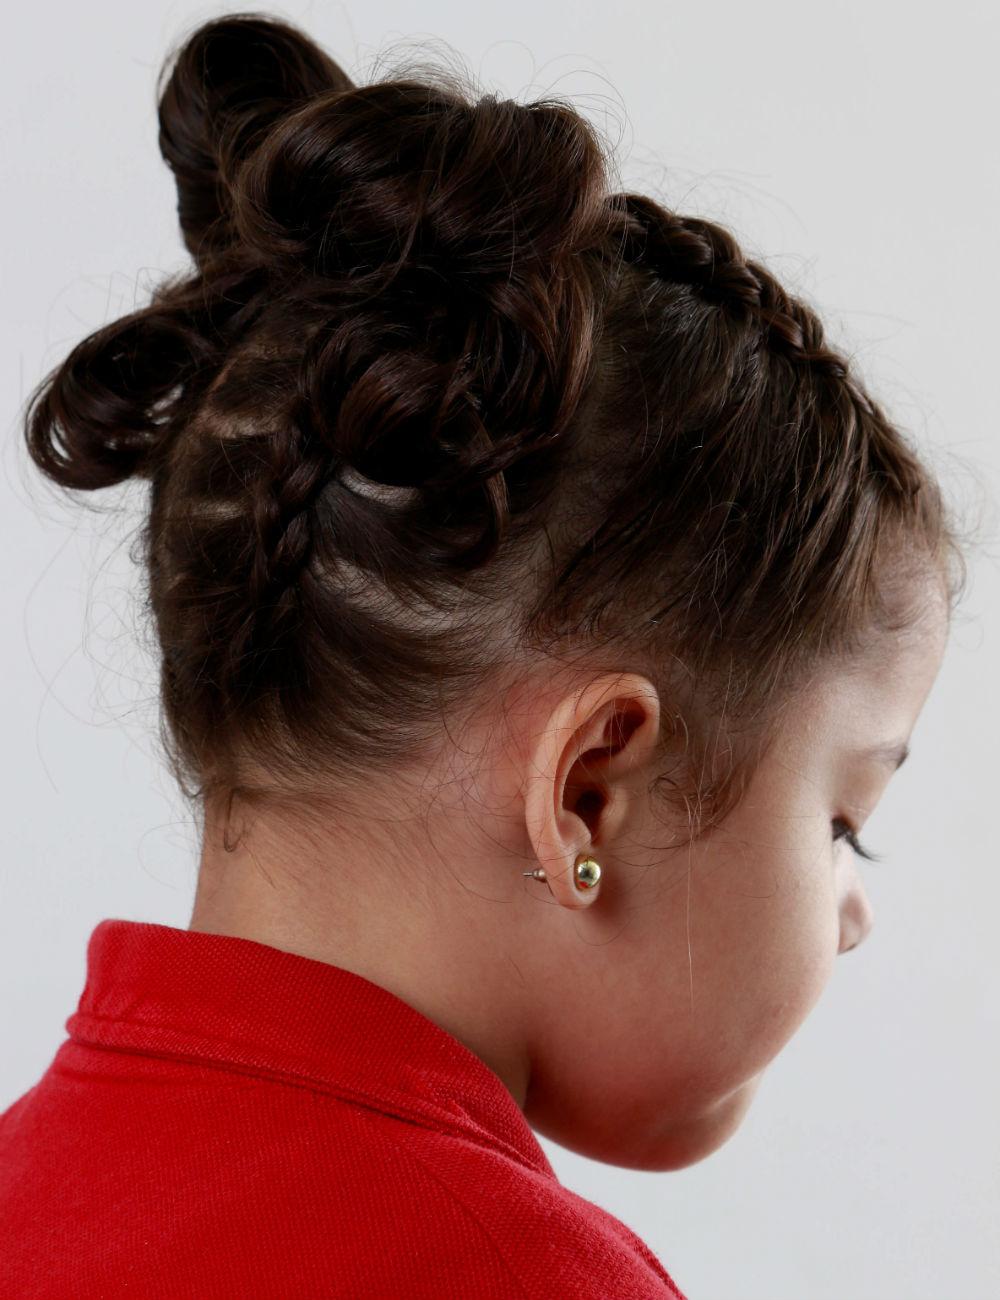 Los Peinados Para El Colegio No Tienen Que Ser Aburridos